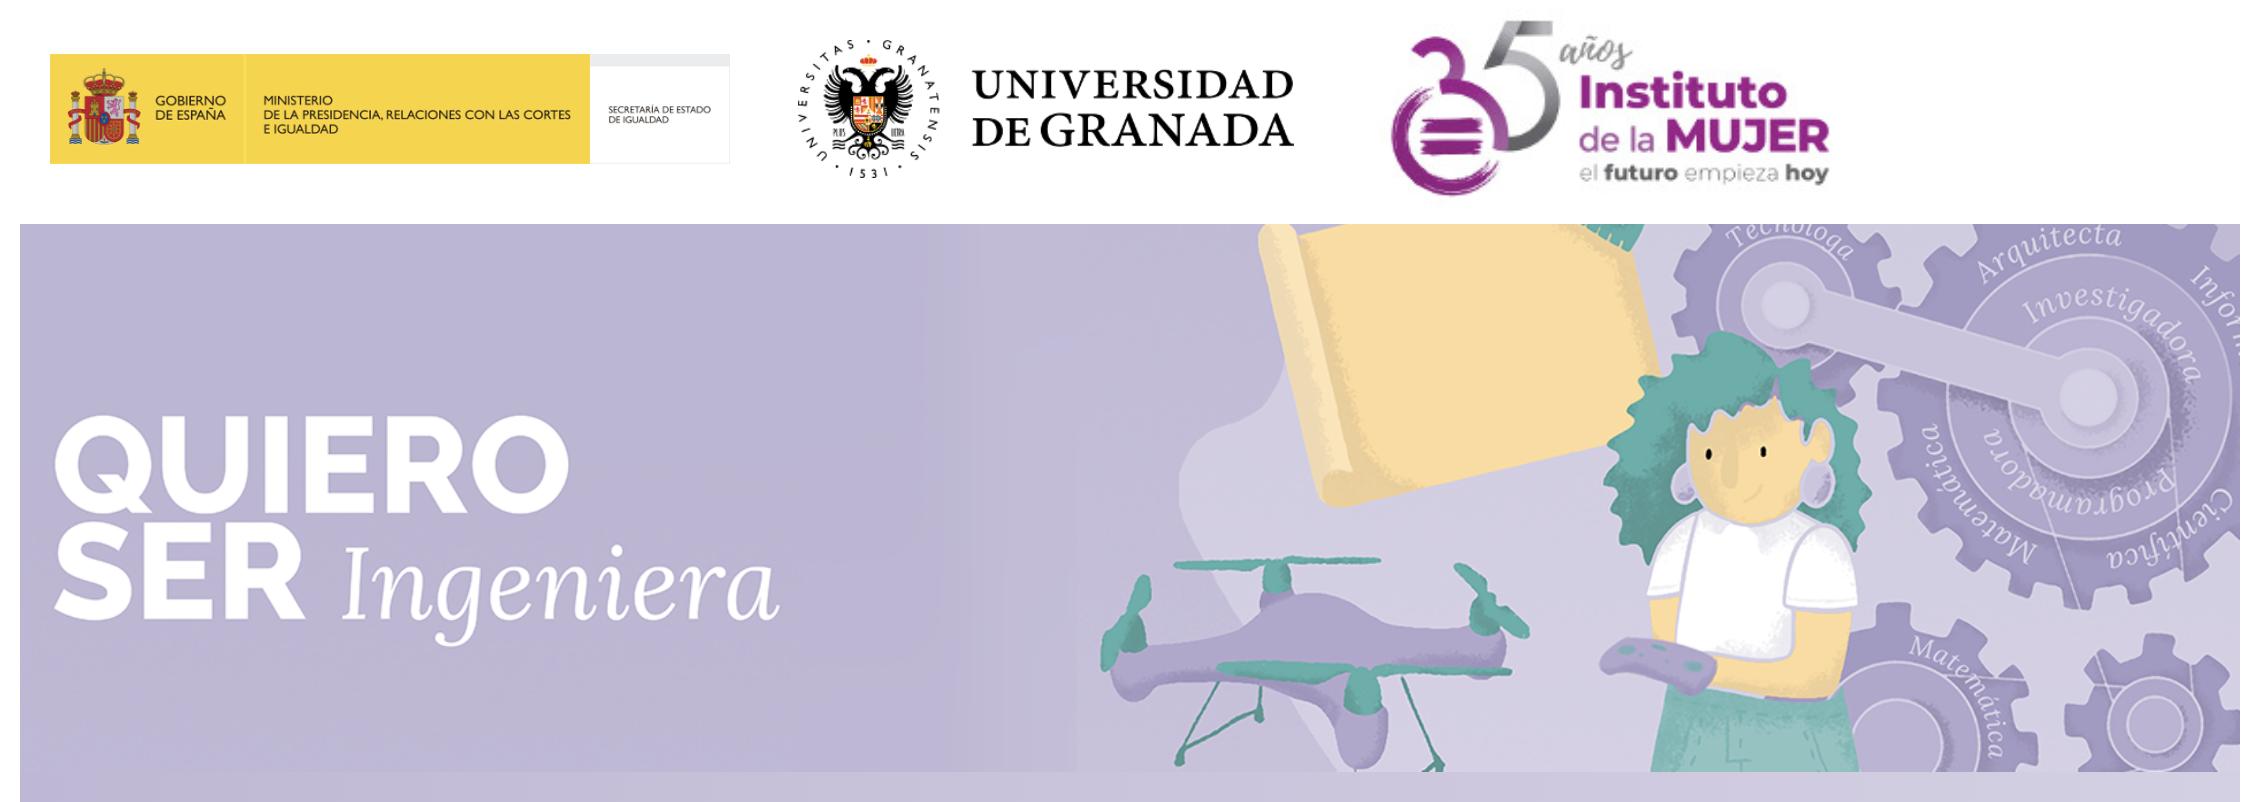 """Alumnas del IZV participan en la edición de """"Quiero ser ingeniera"""" de la UGR"""